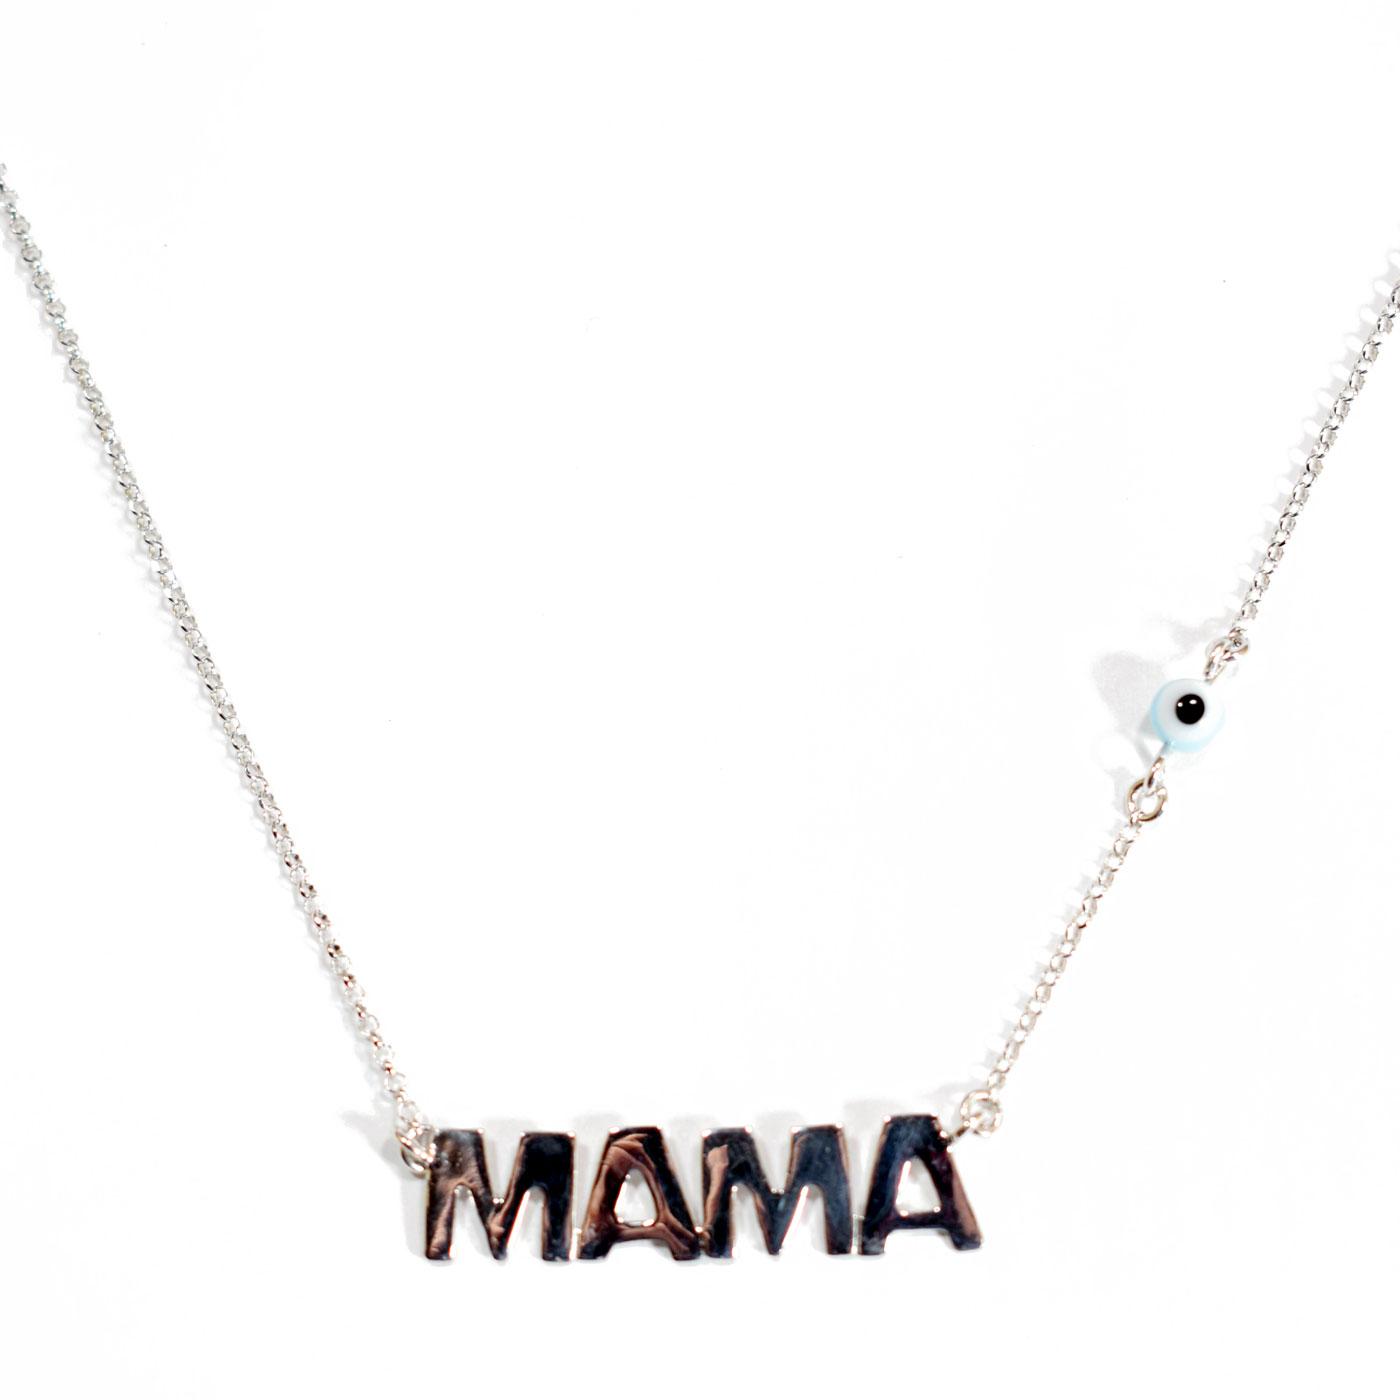 Χειροποίητο κολιέ (Μαμά) από επιπλατινωμένο ασήμι 925ο με ημιπολύτιμες  πέτρες (Ματάκι).  IJ-Custom-Mama  ce113cc2ac2